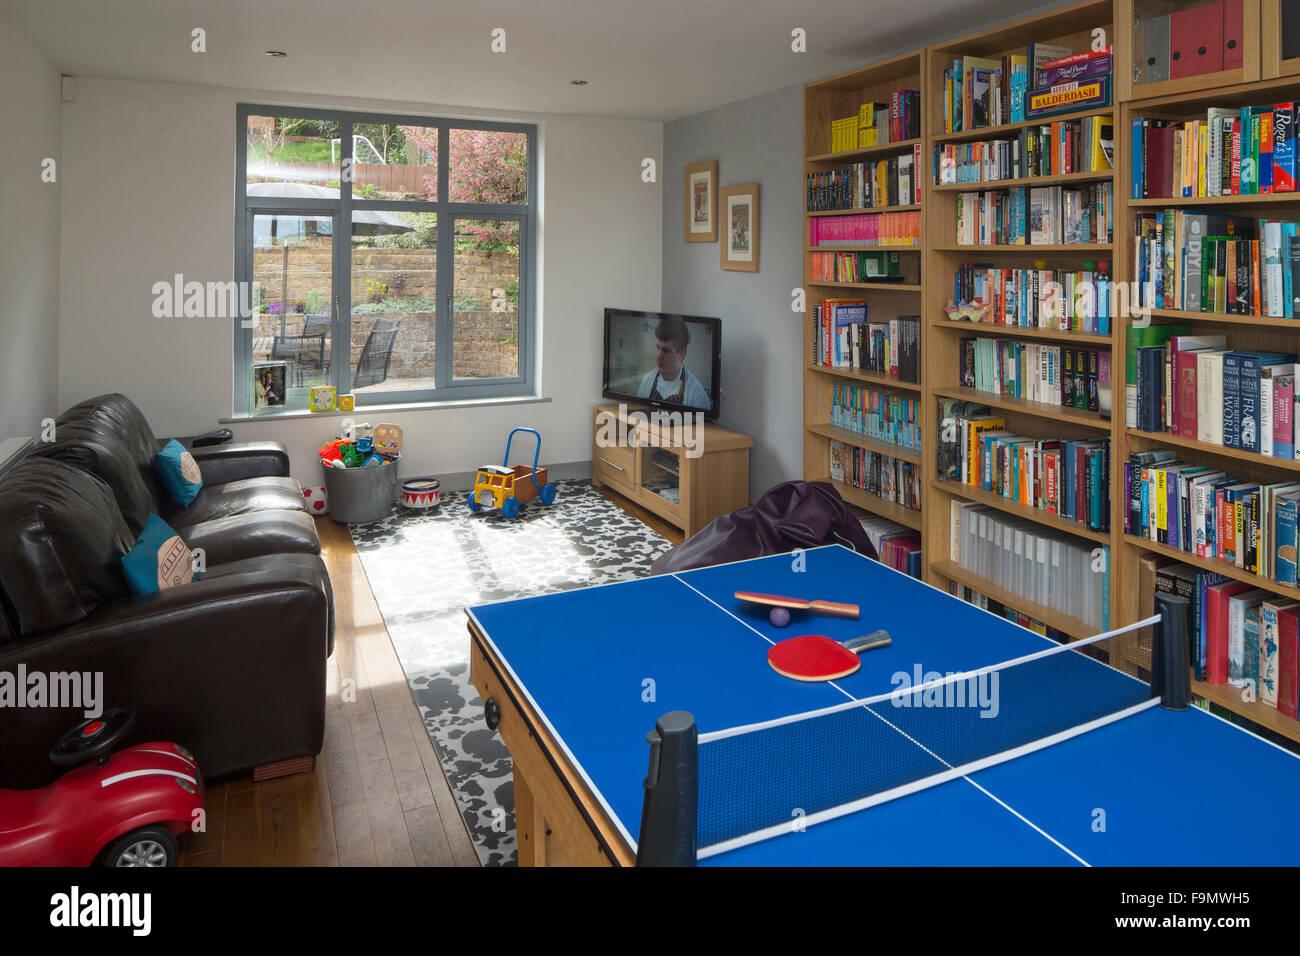 Sala giochi che mostra il tavolo da ping pong, librerie e giocattoli in un moden casa di famiglia. Immagini Stock